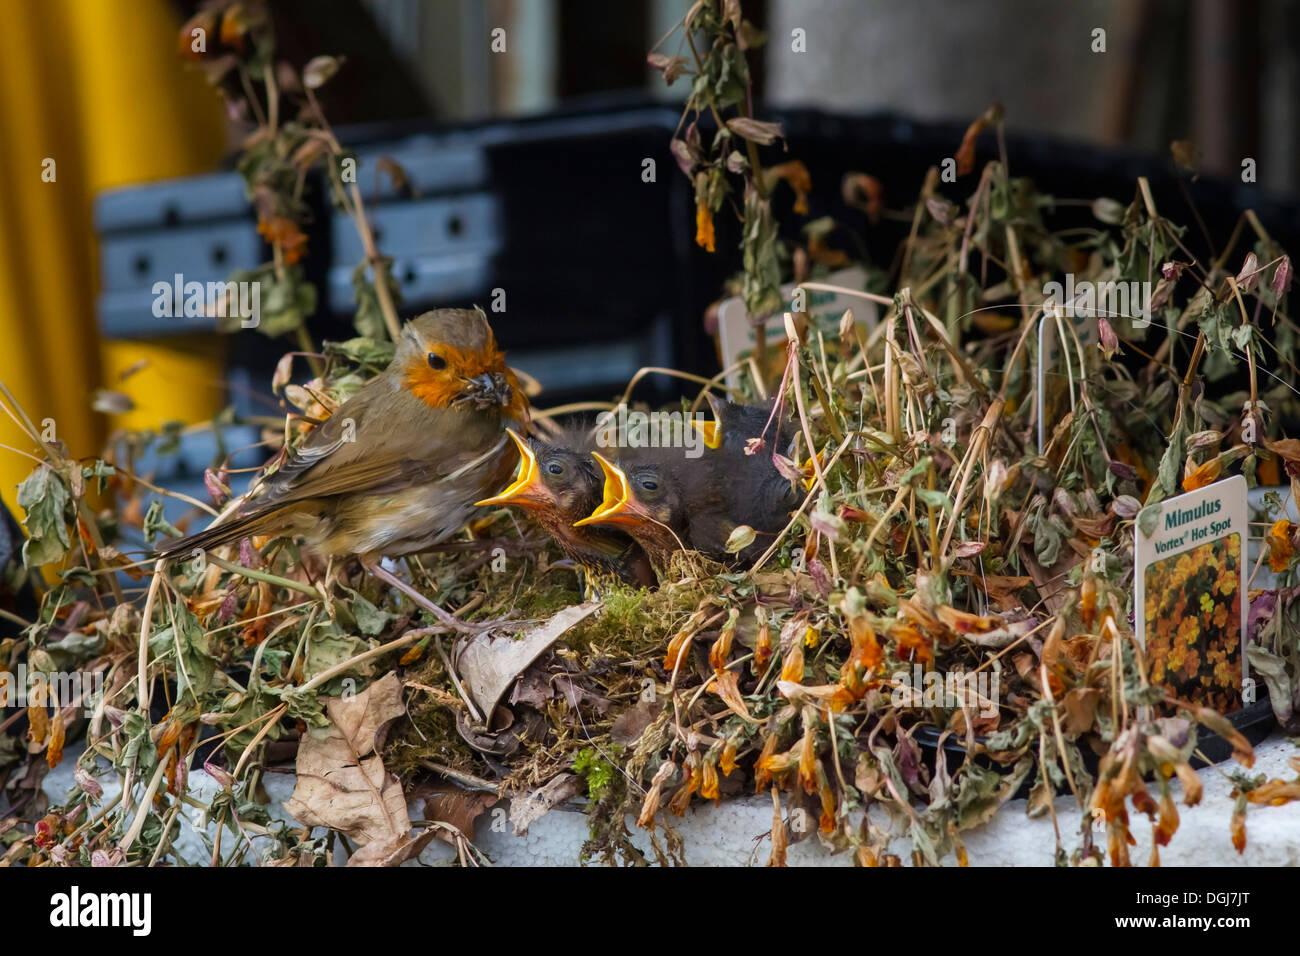 Robin Fütterung eine Nest von hungrigen jungen in einer Anlage in ein Gartencenter. Stockbild